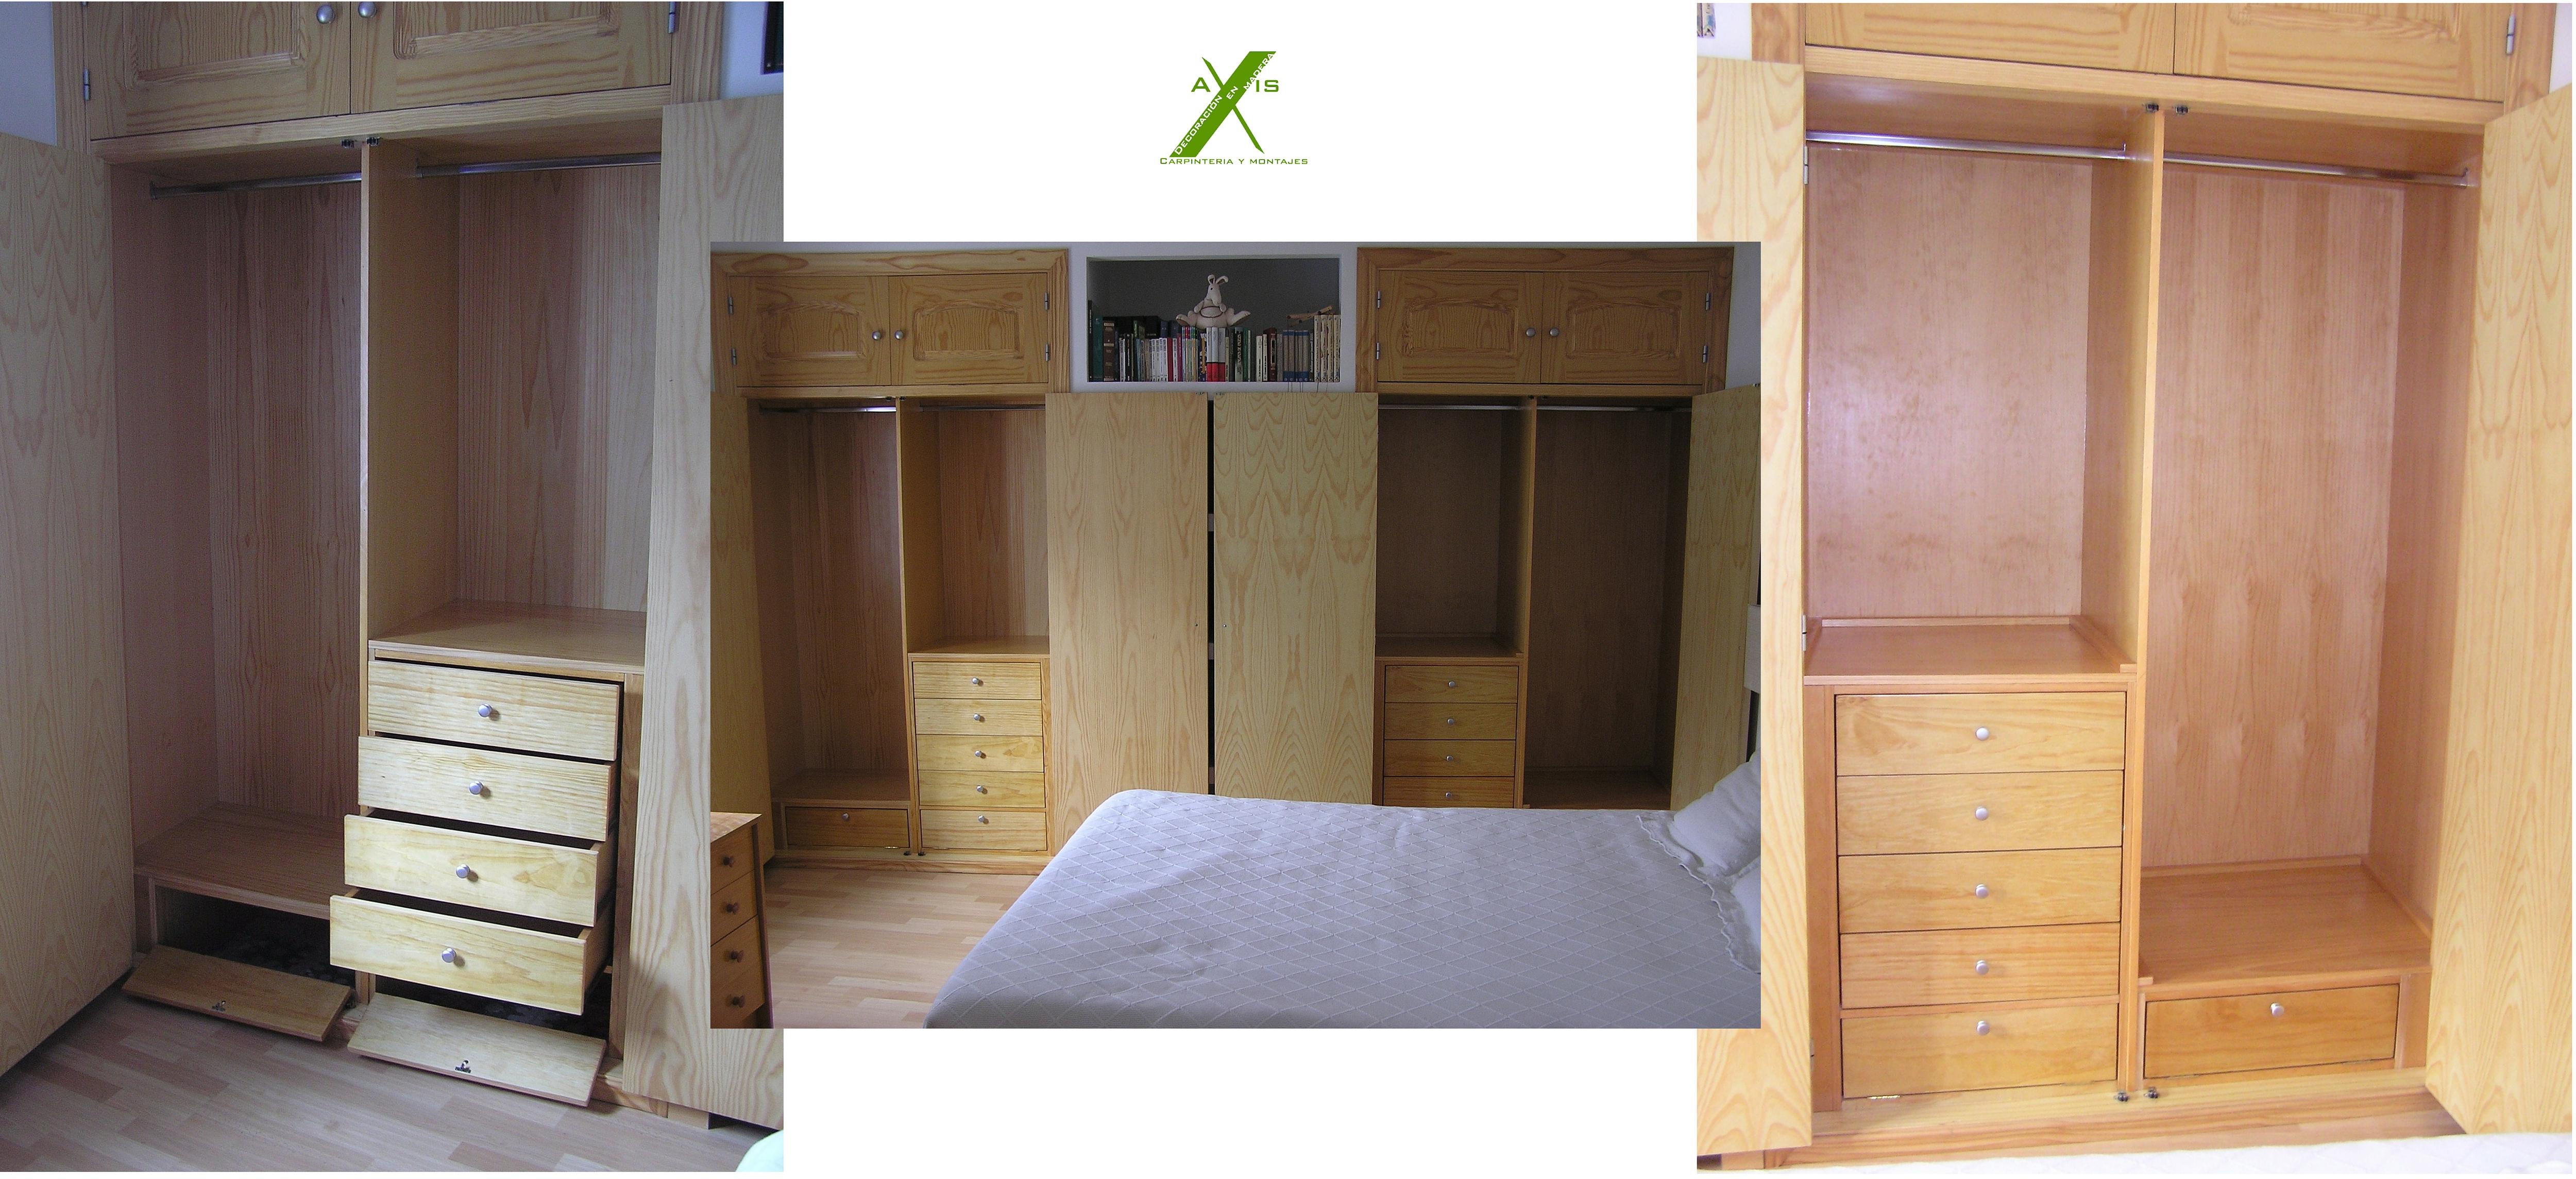 axis carpinteria y diseo decoracion madera extremadura armarios empotrasdos armario empotrado with diseos armarios empotrados